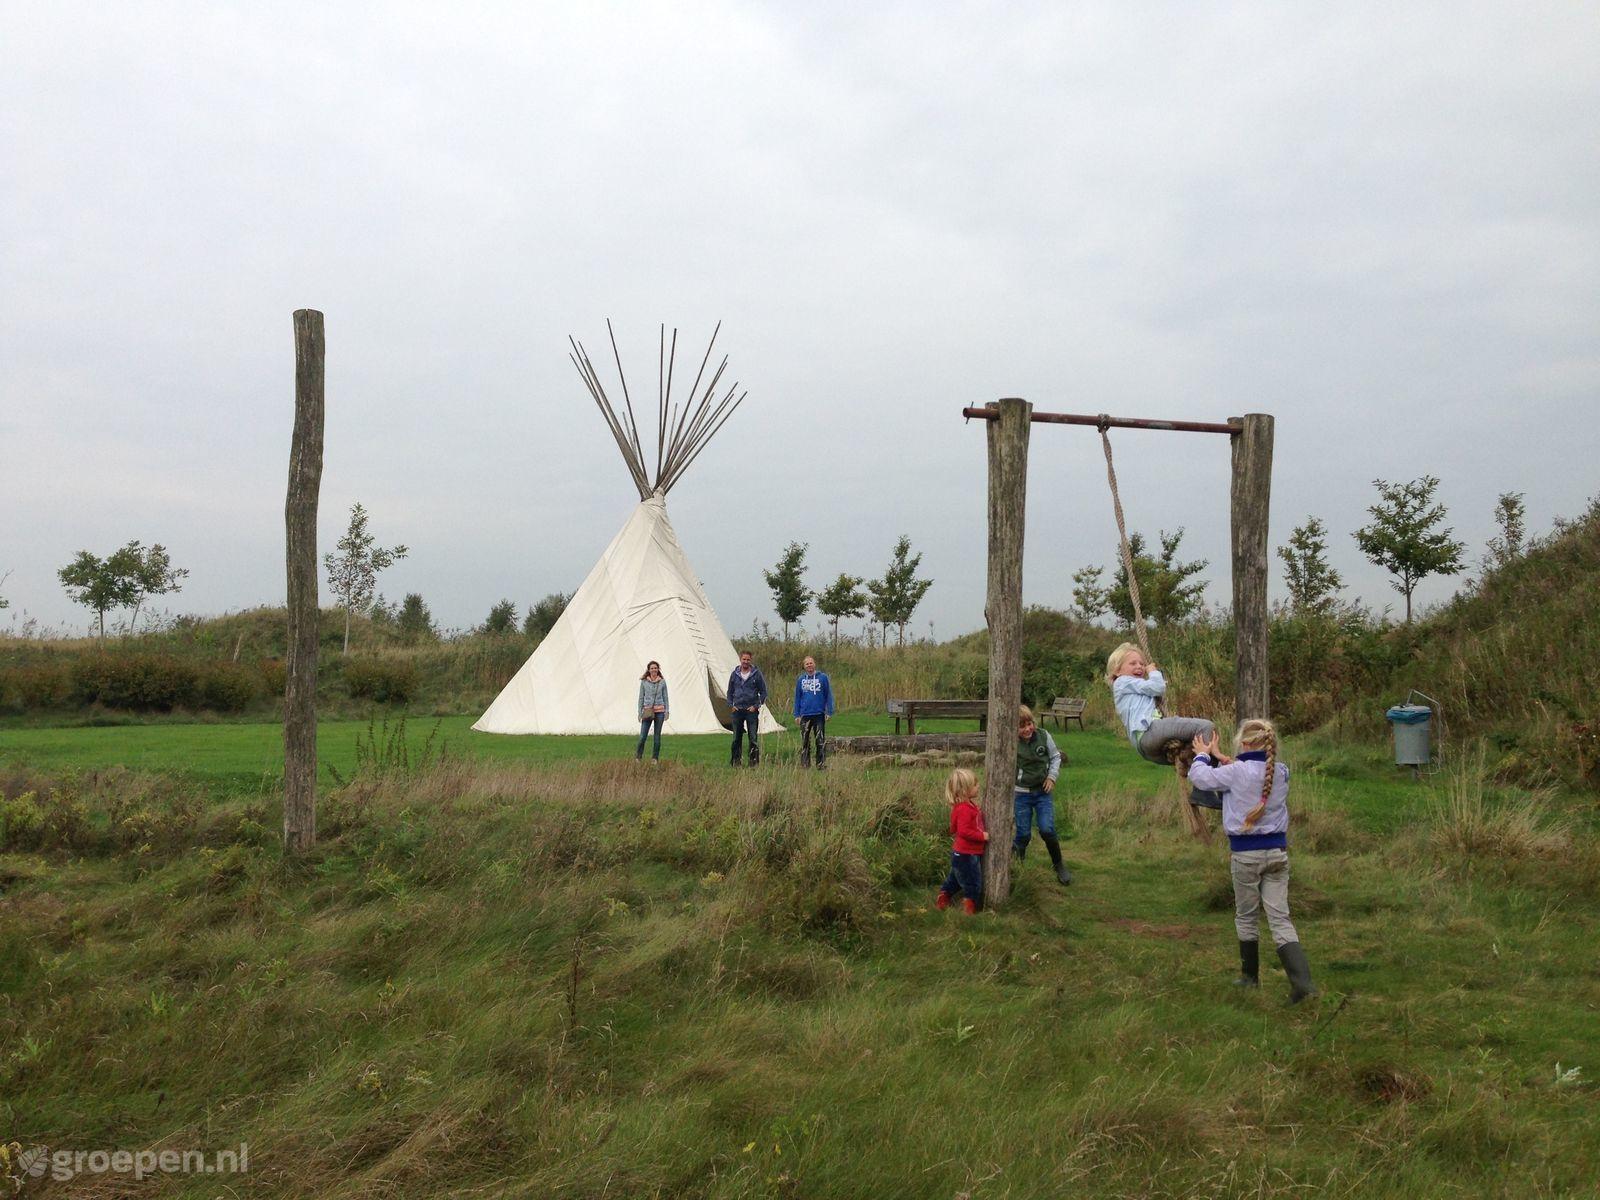 Gruppenunterkunft Kraggenburg